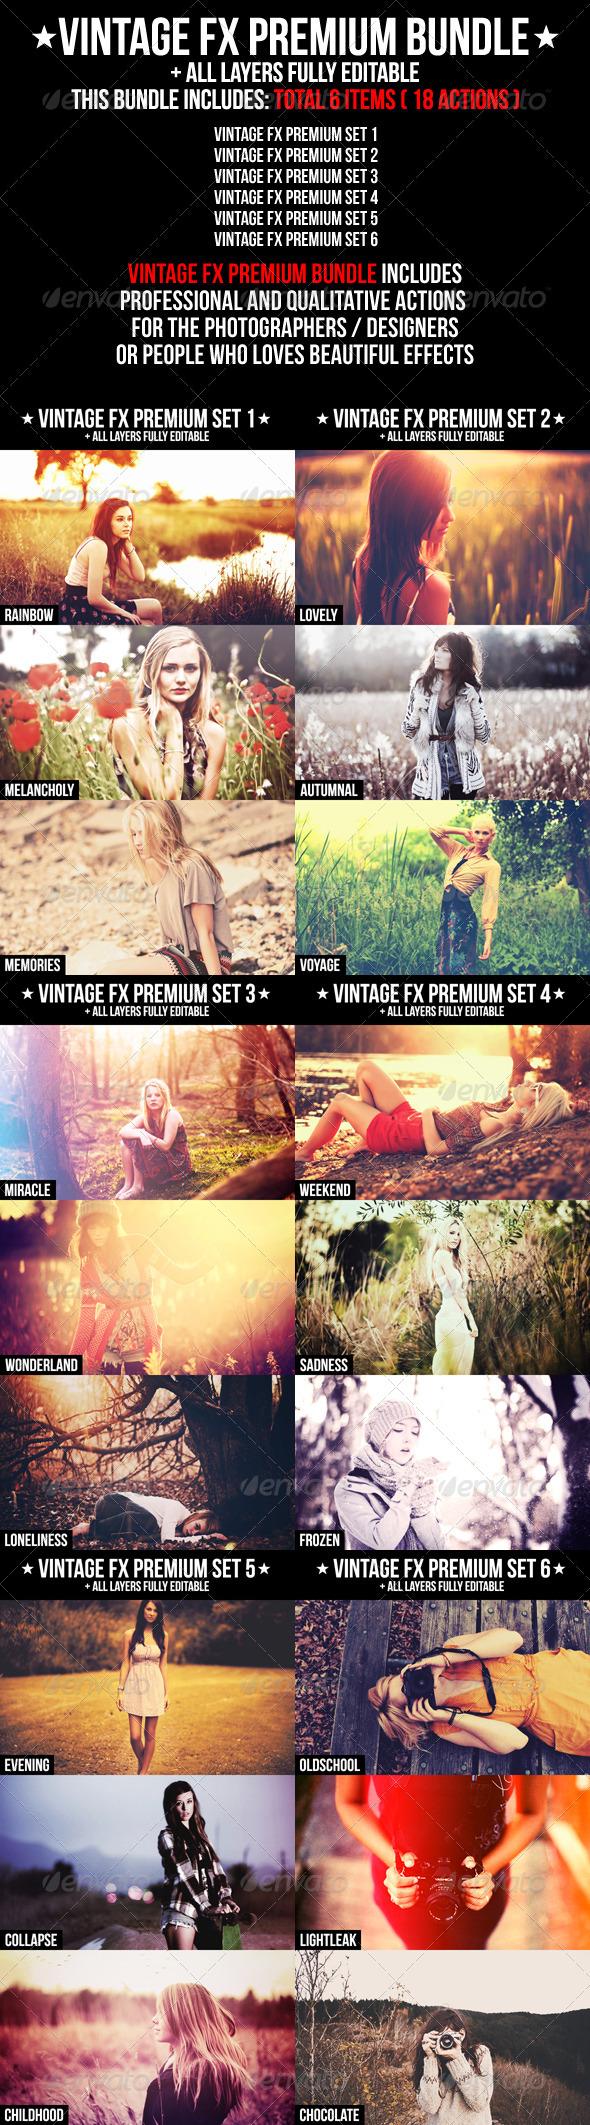 Vintage FX Premium Bundle - Photo Effects Actions